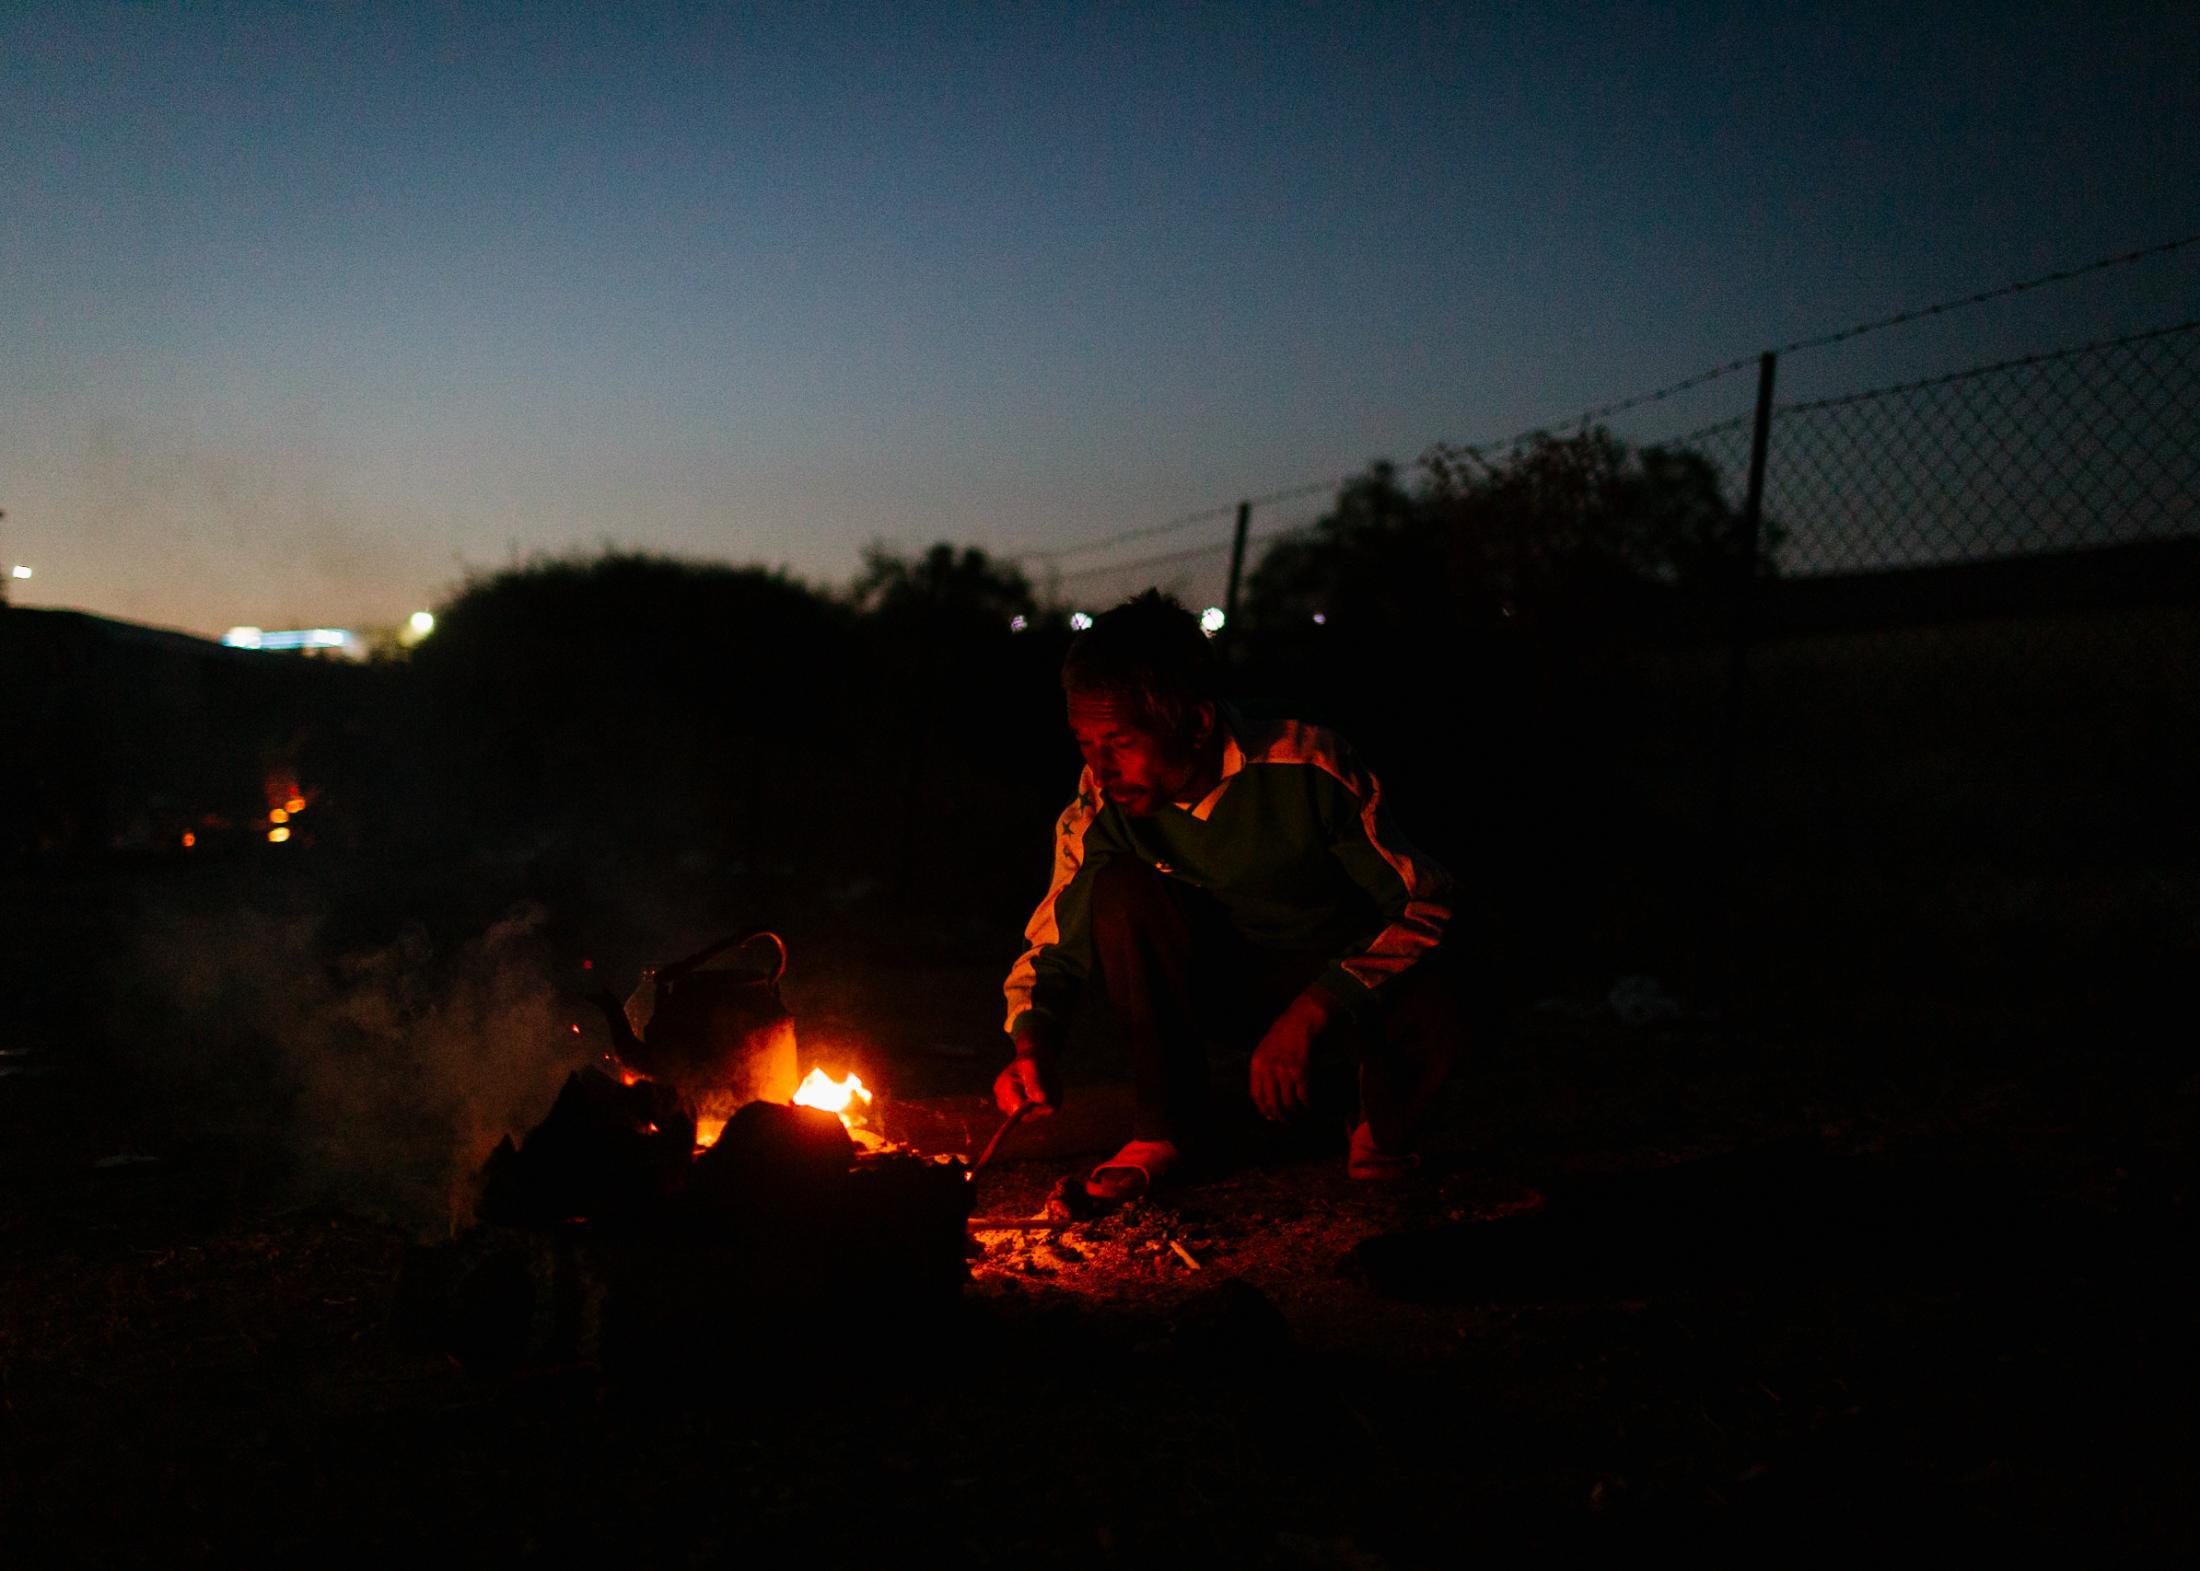 Ein afghanischer Geflüchteter auf der Insel Lesbos. Nach dem es am 09.10.2020 im Flüchtlingslager Moria zu einem Großbrand gekommen war, harren tausende von Geflüchteten auf einer Straße entlang der Ostküste von Lesvos aus.